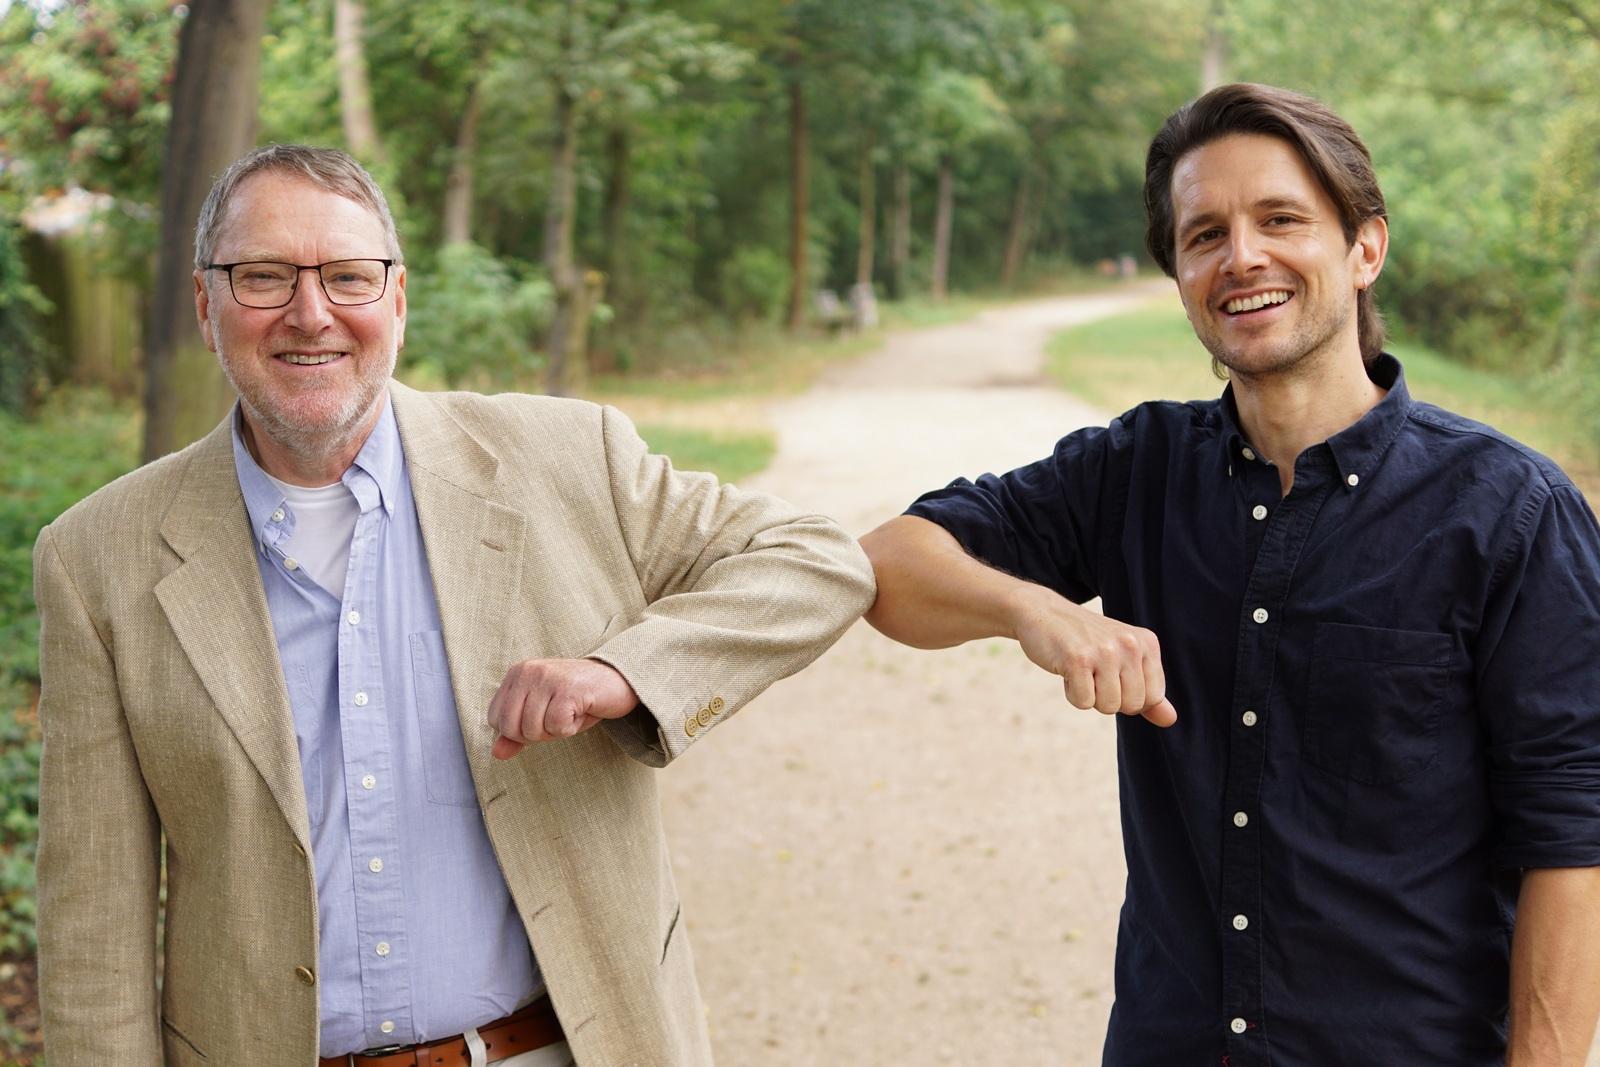 neue Geschäftsführung Christian Kuhn Andre Engelbrecht vsj e.V. Jugendhilfe